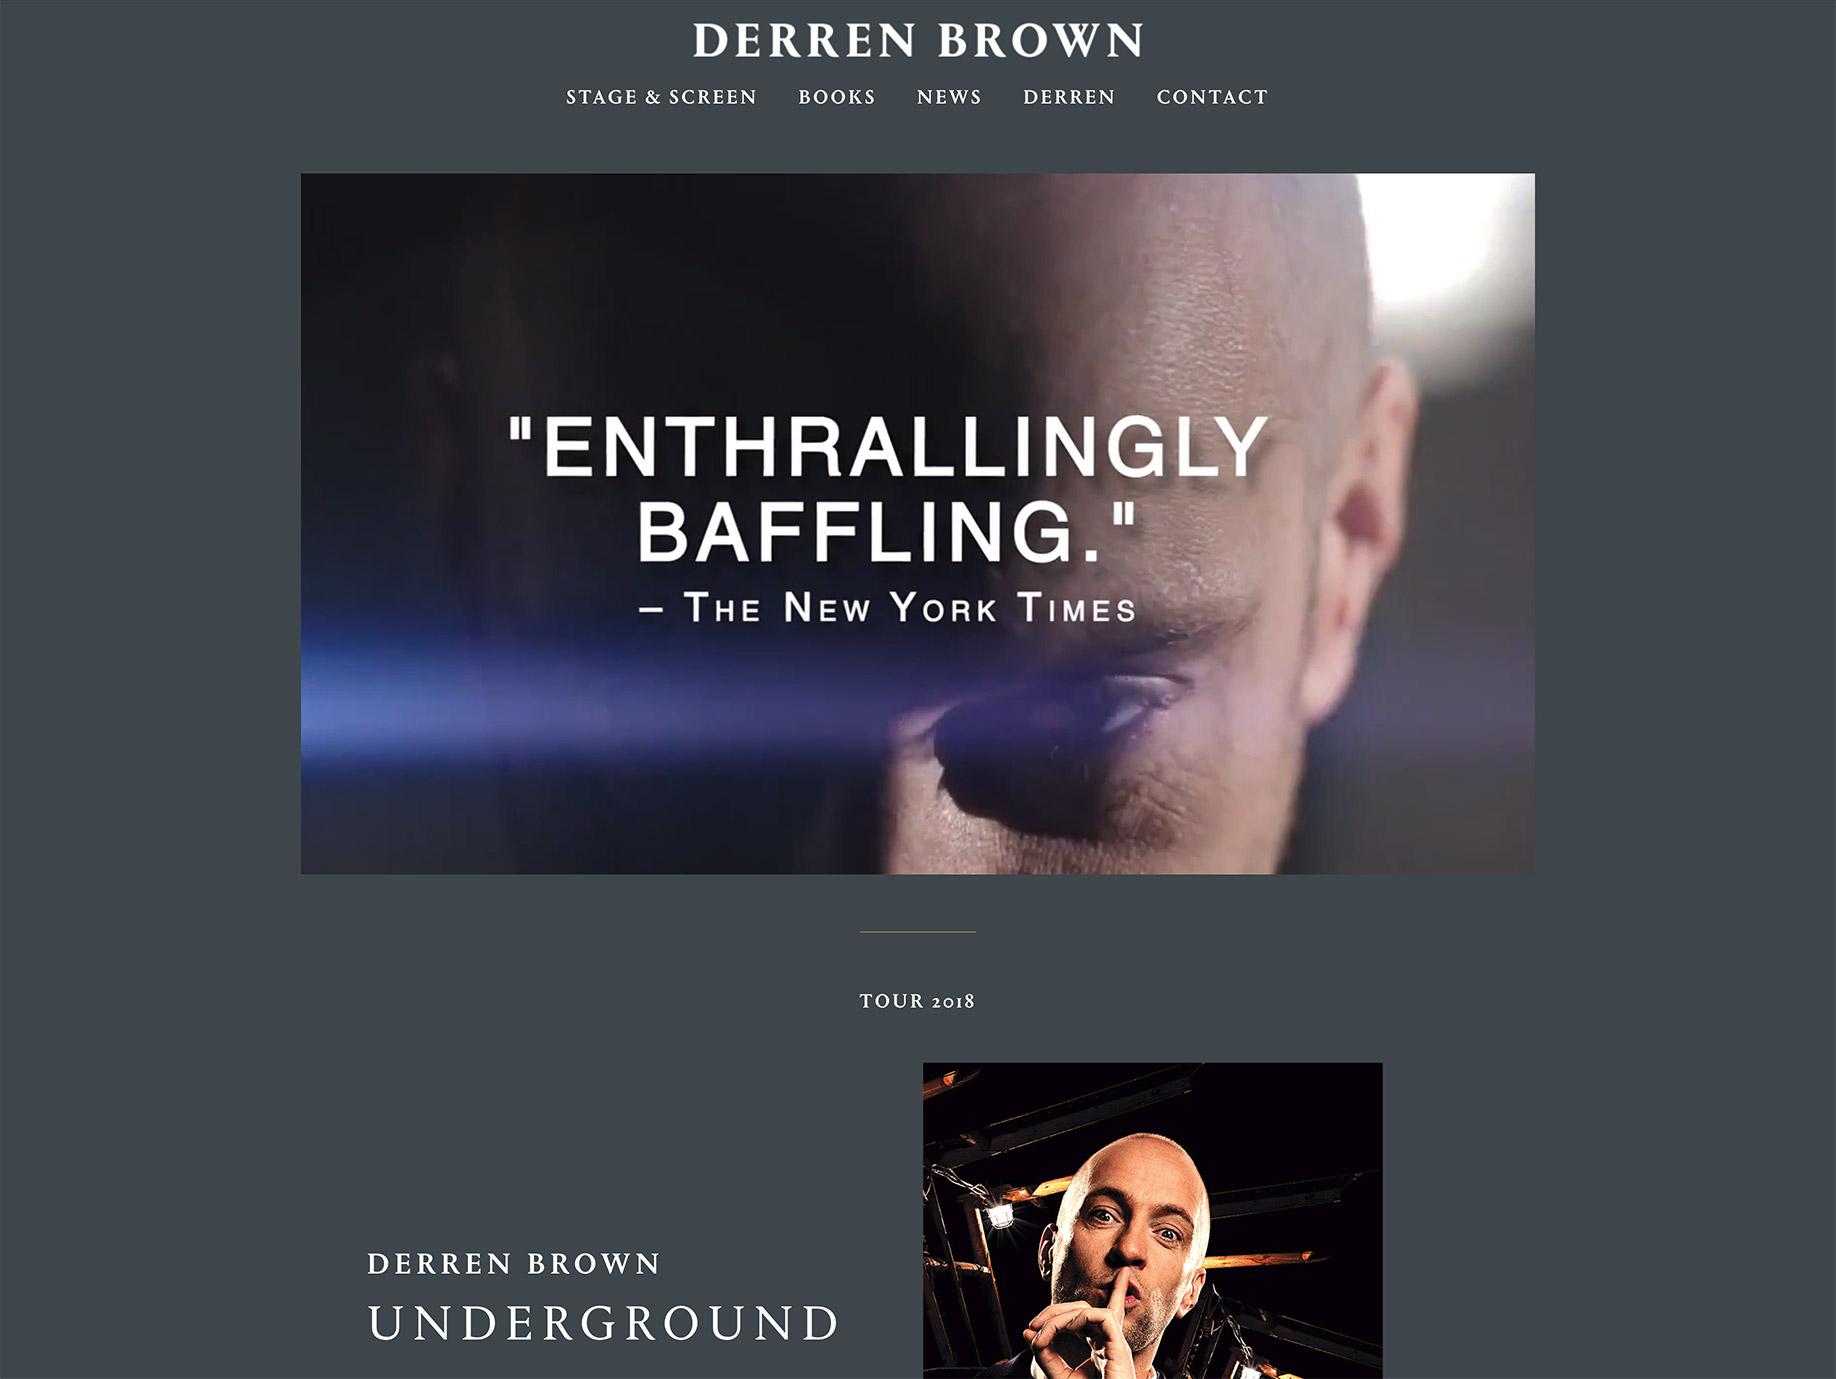 Derren brown experiments online dating